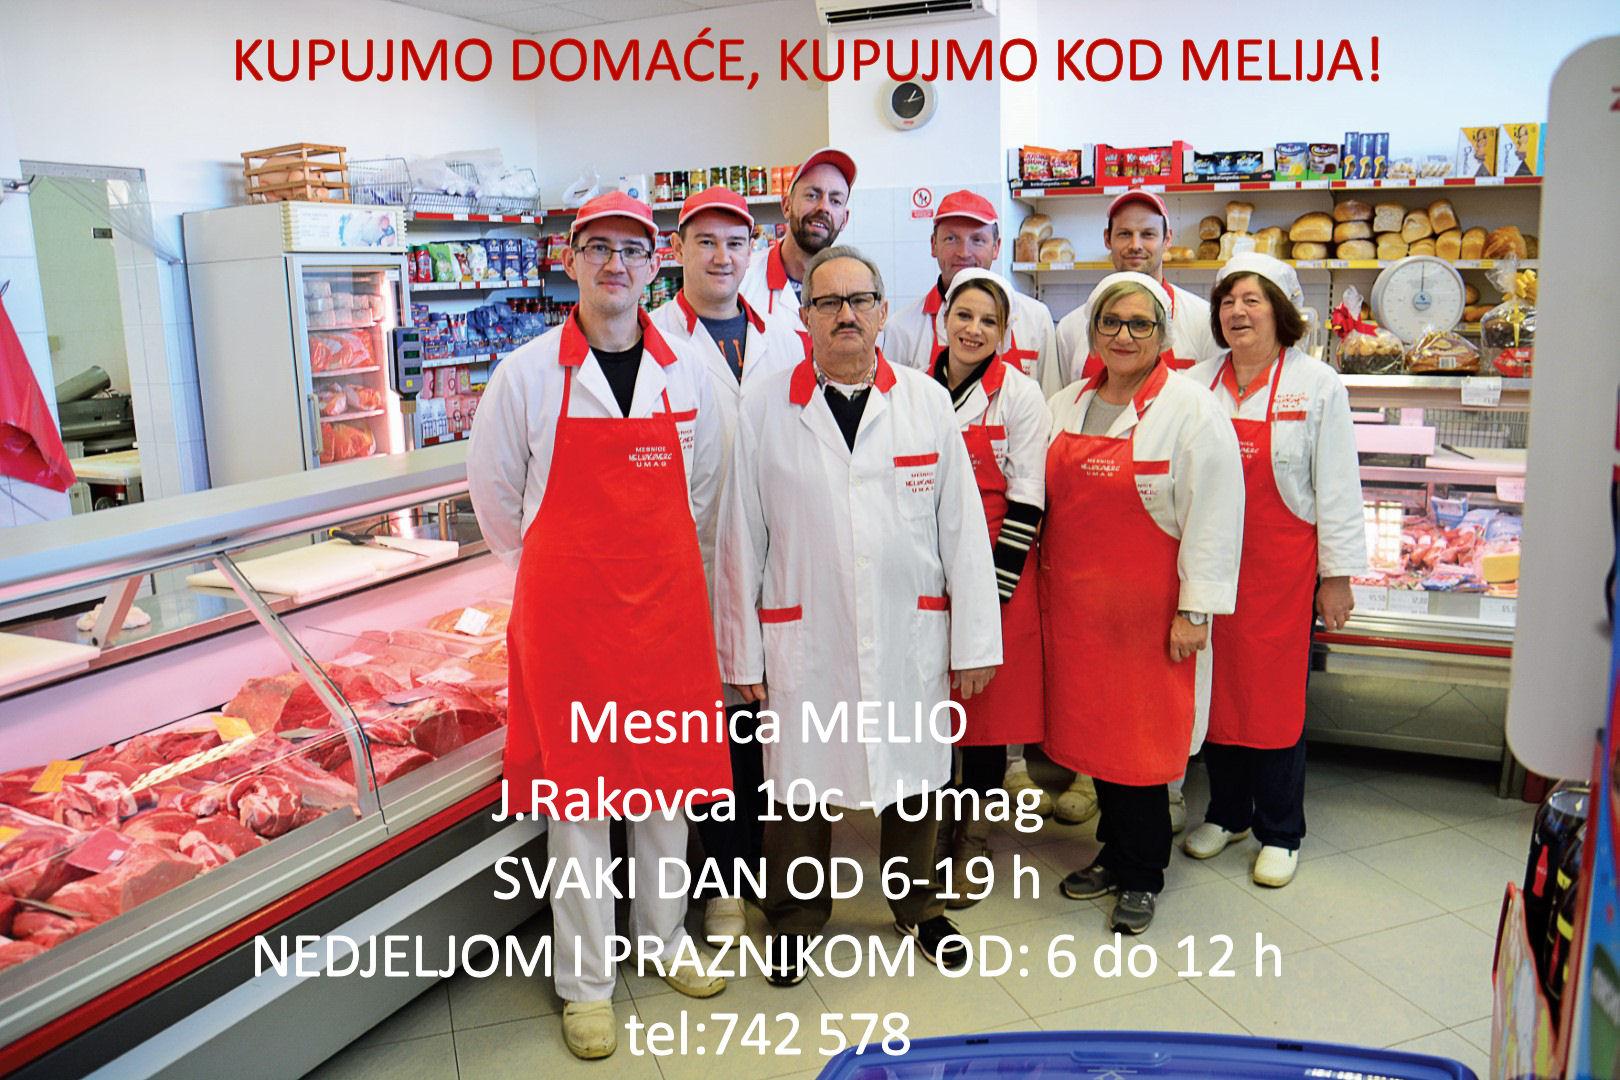 Mesnica MELIO - Umag